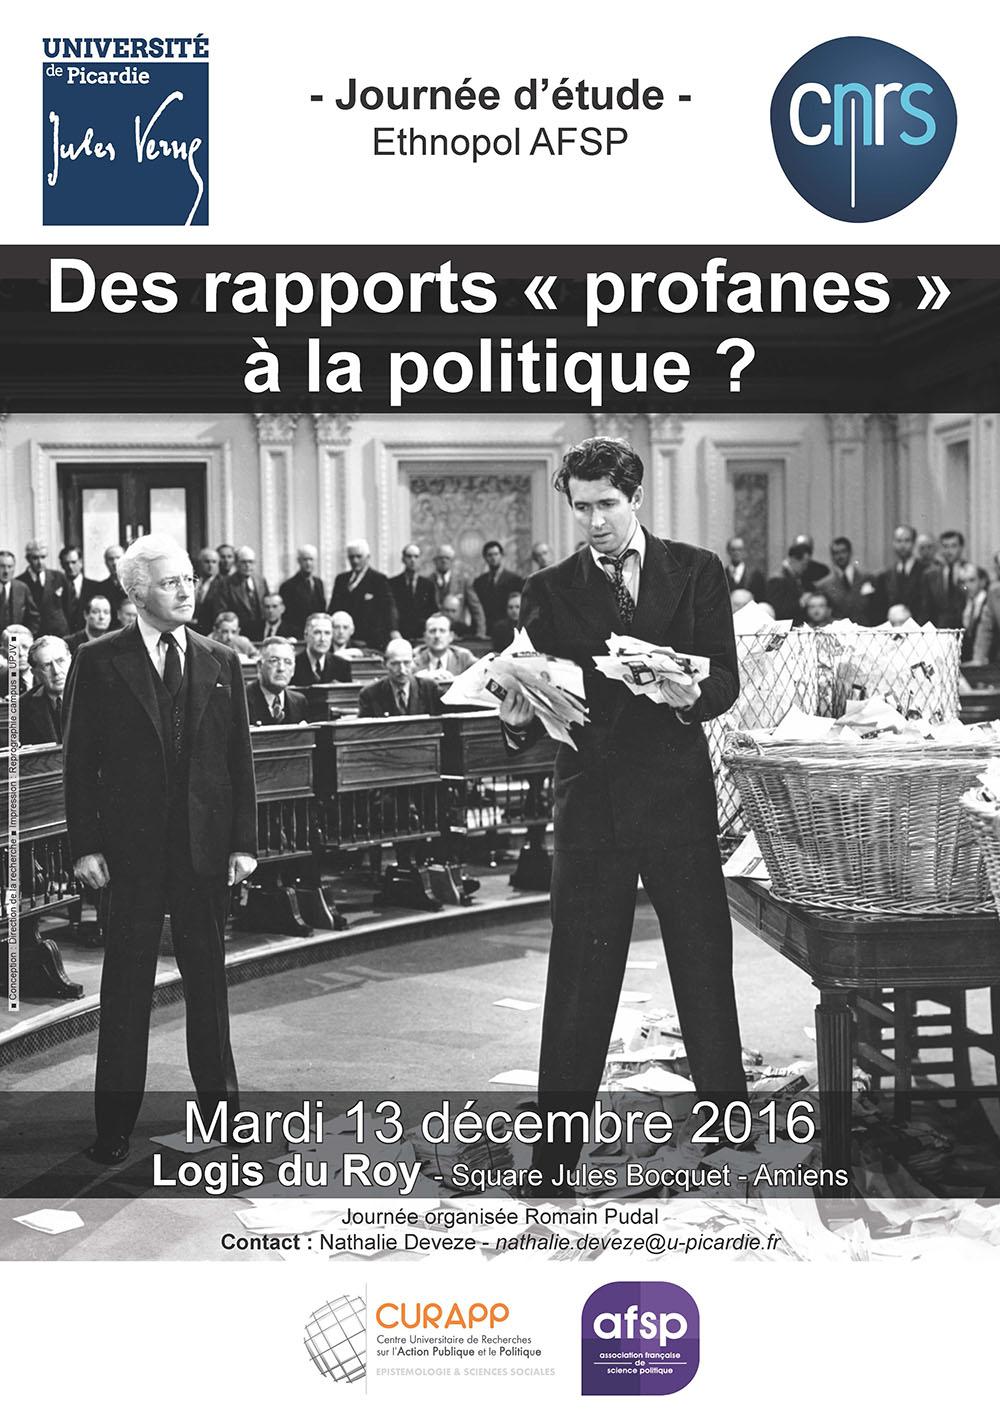 Des rapports « profanes » à la politique ?